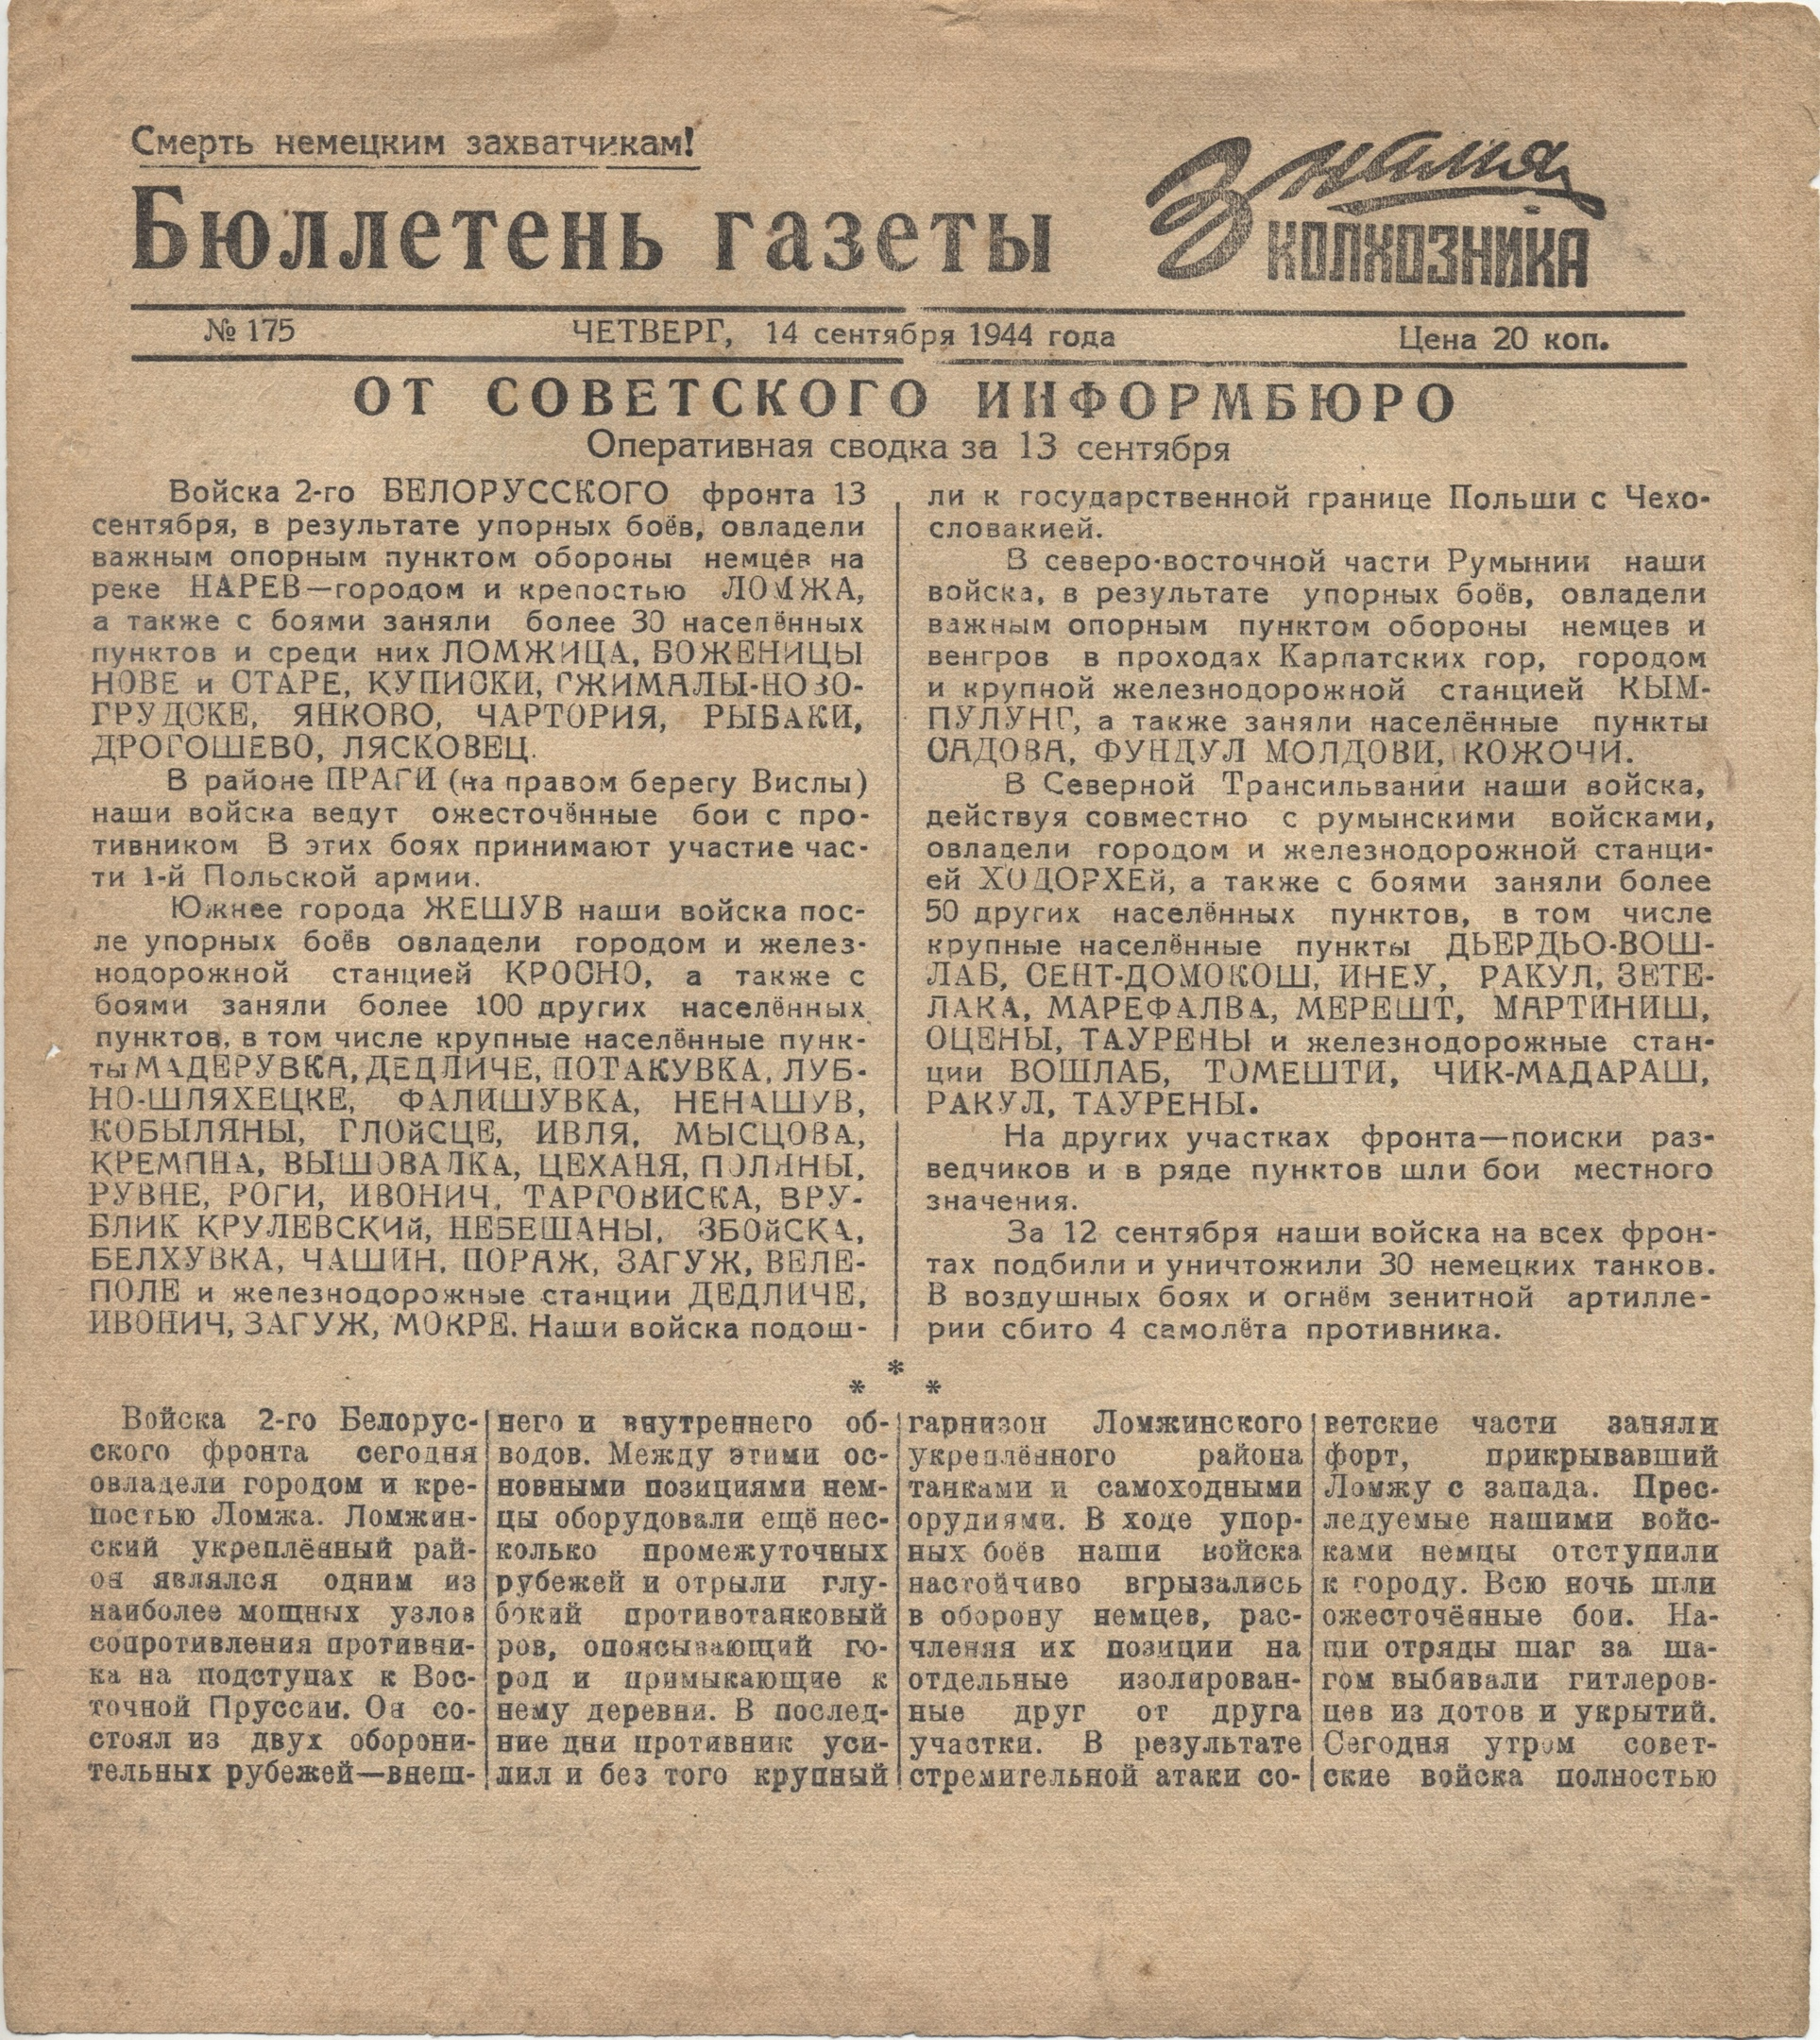 Бюллетени газеты «Знамя колхозника» 1944 года, изображение №1